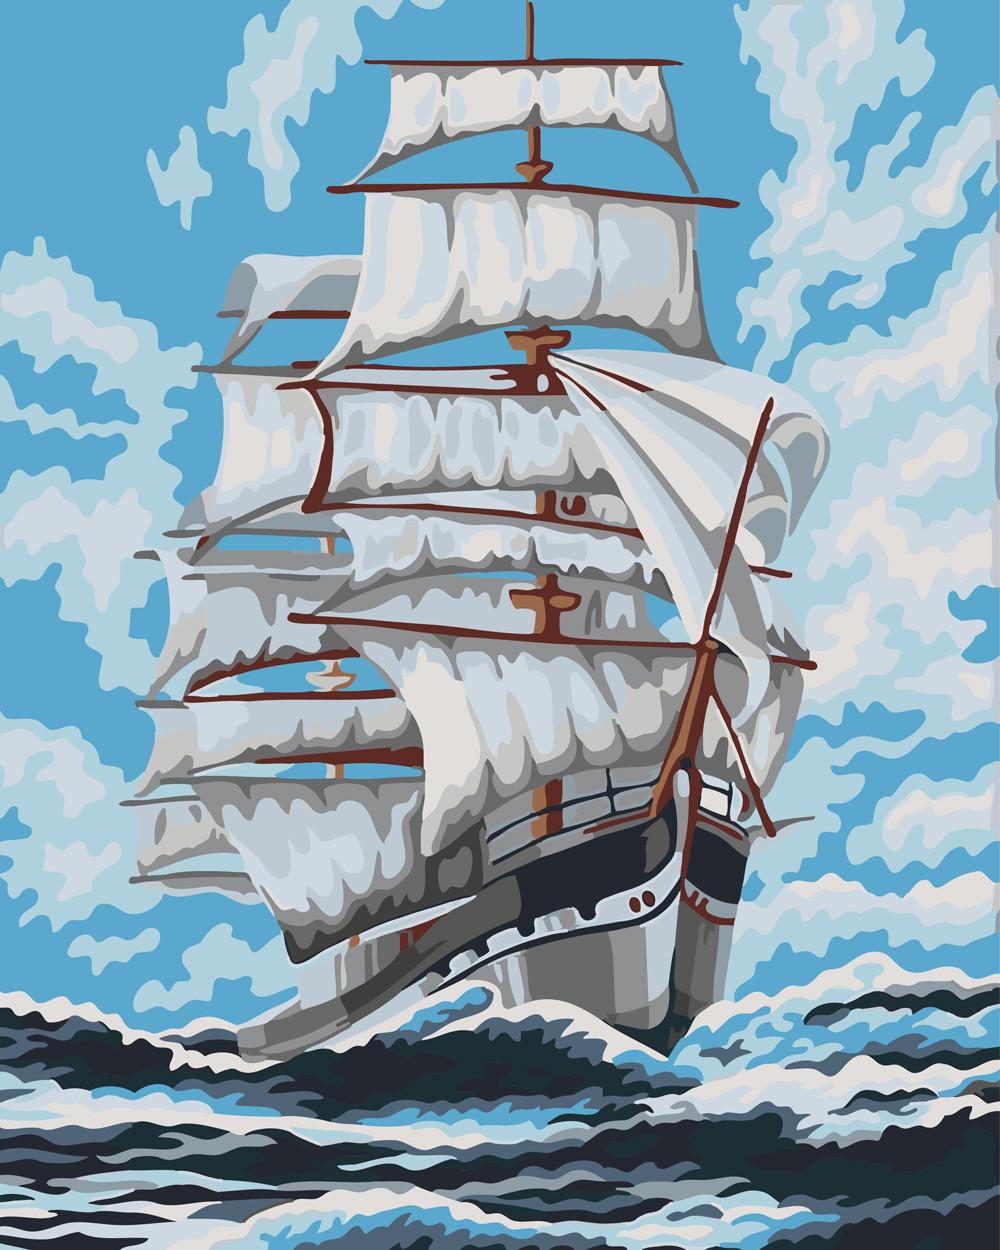 Картина по номерам Попутный ветер 40 х 50 см (BK-GX22308)